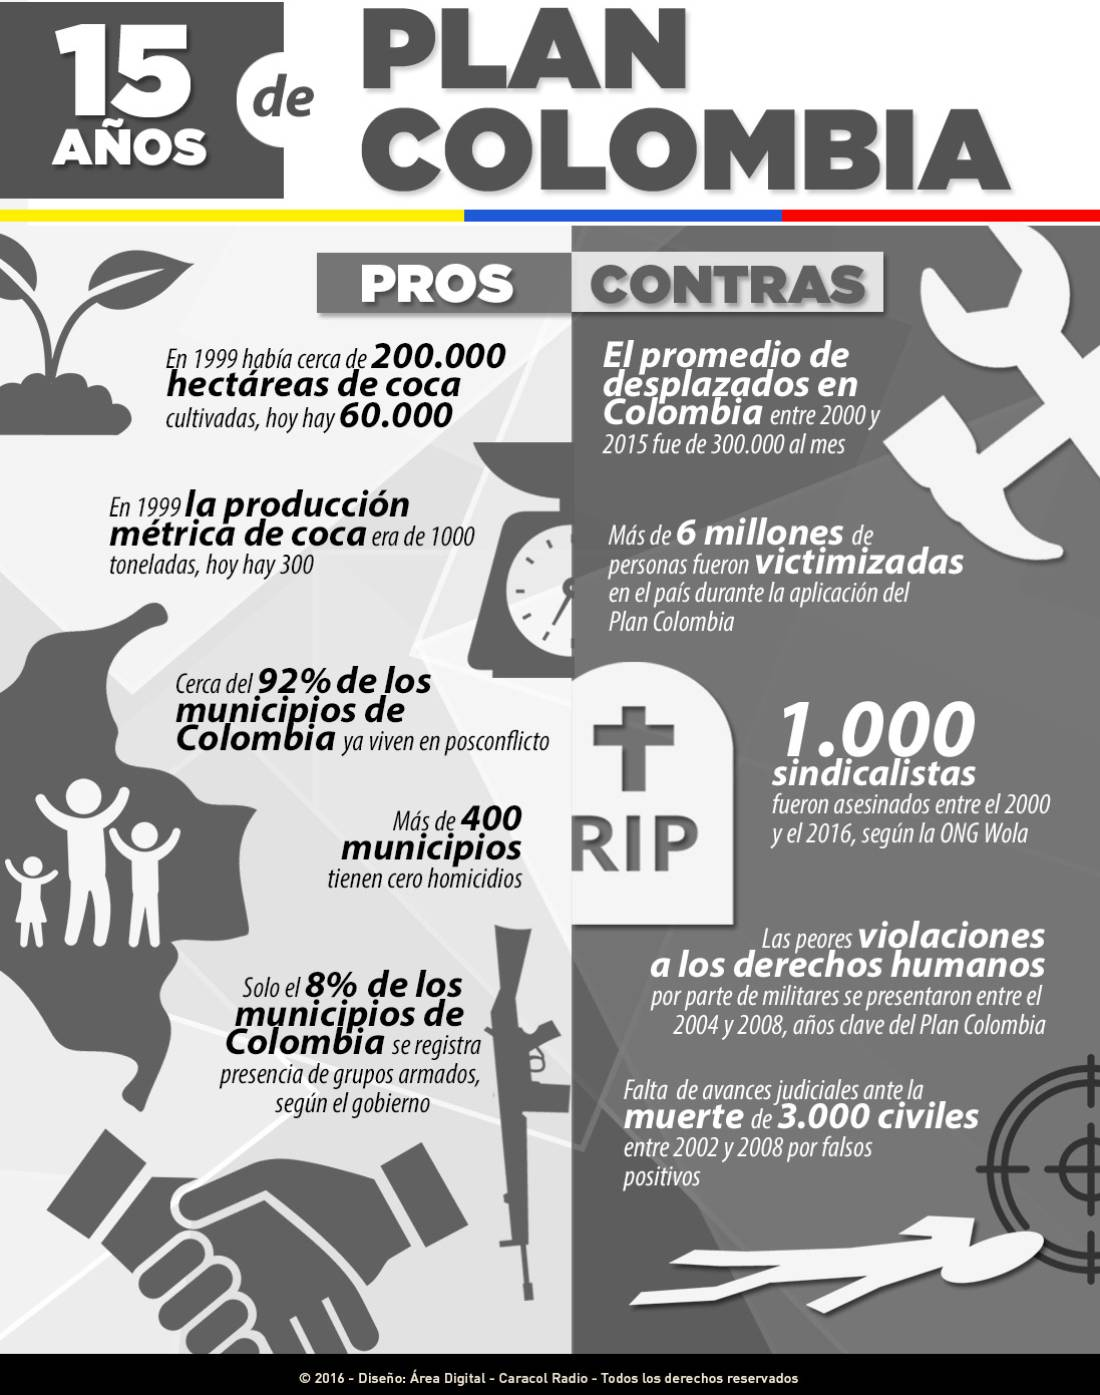 Plan Colombia: 15 años de pros y contras